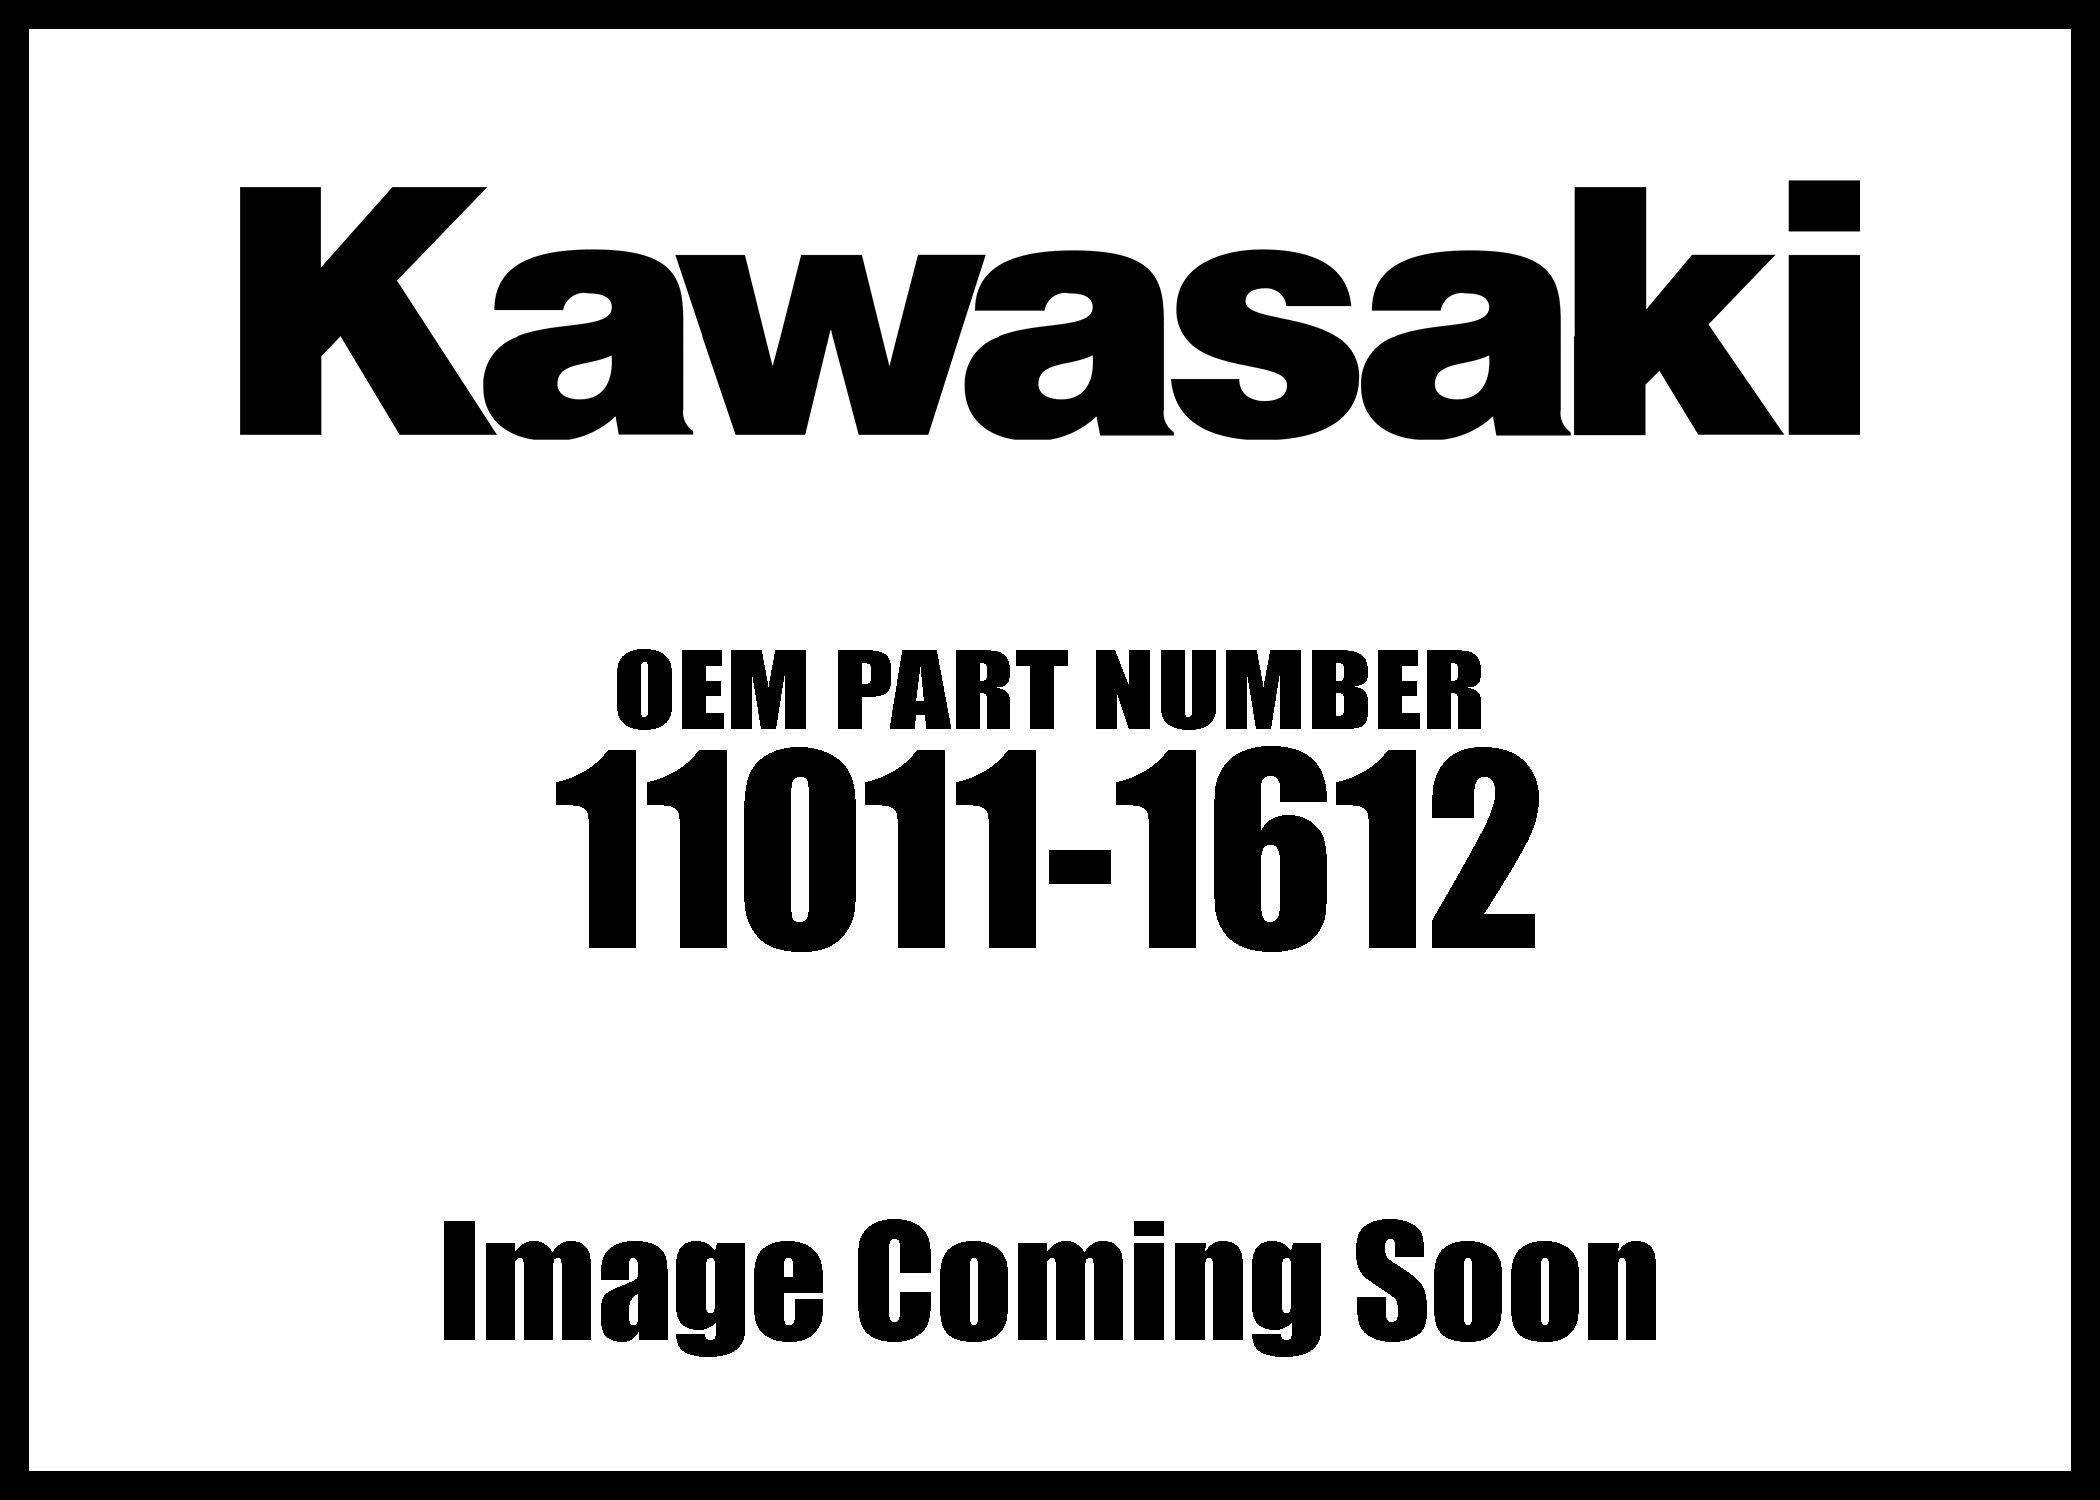 Kawasaki 2001-2018 Kx100 Kx85 Air Filter Case 11011-1612 New Oem